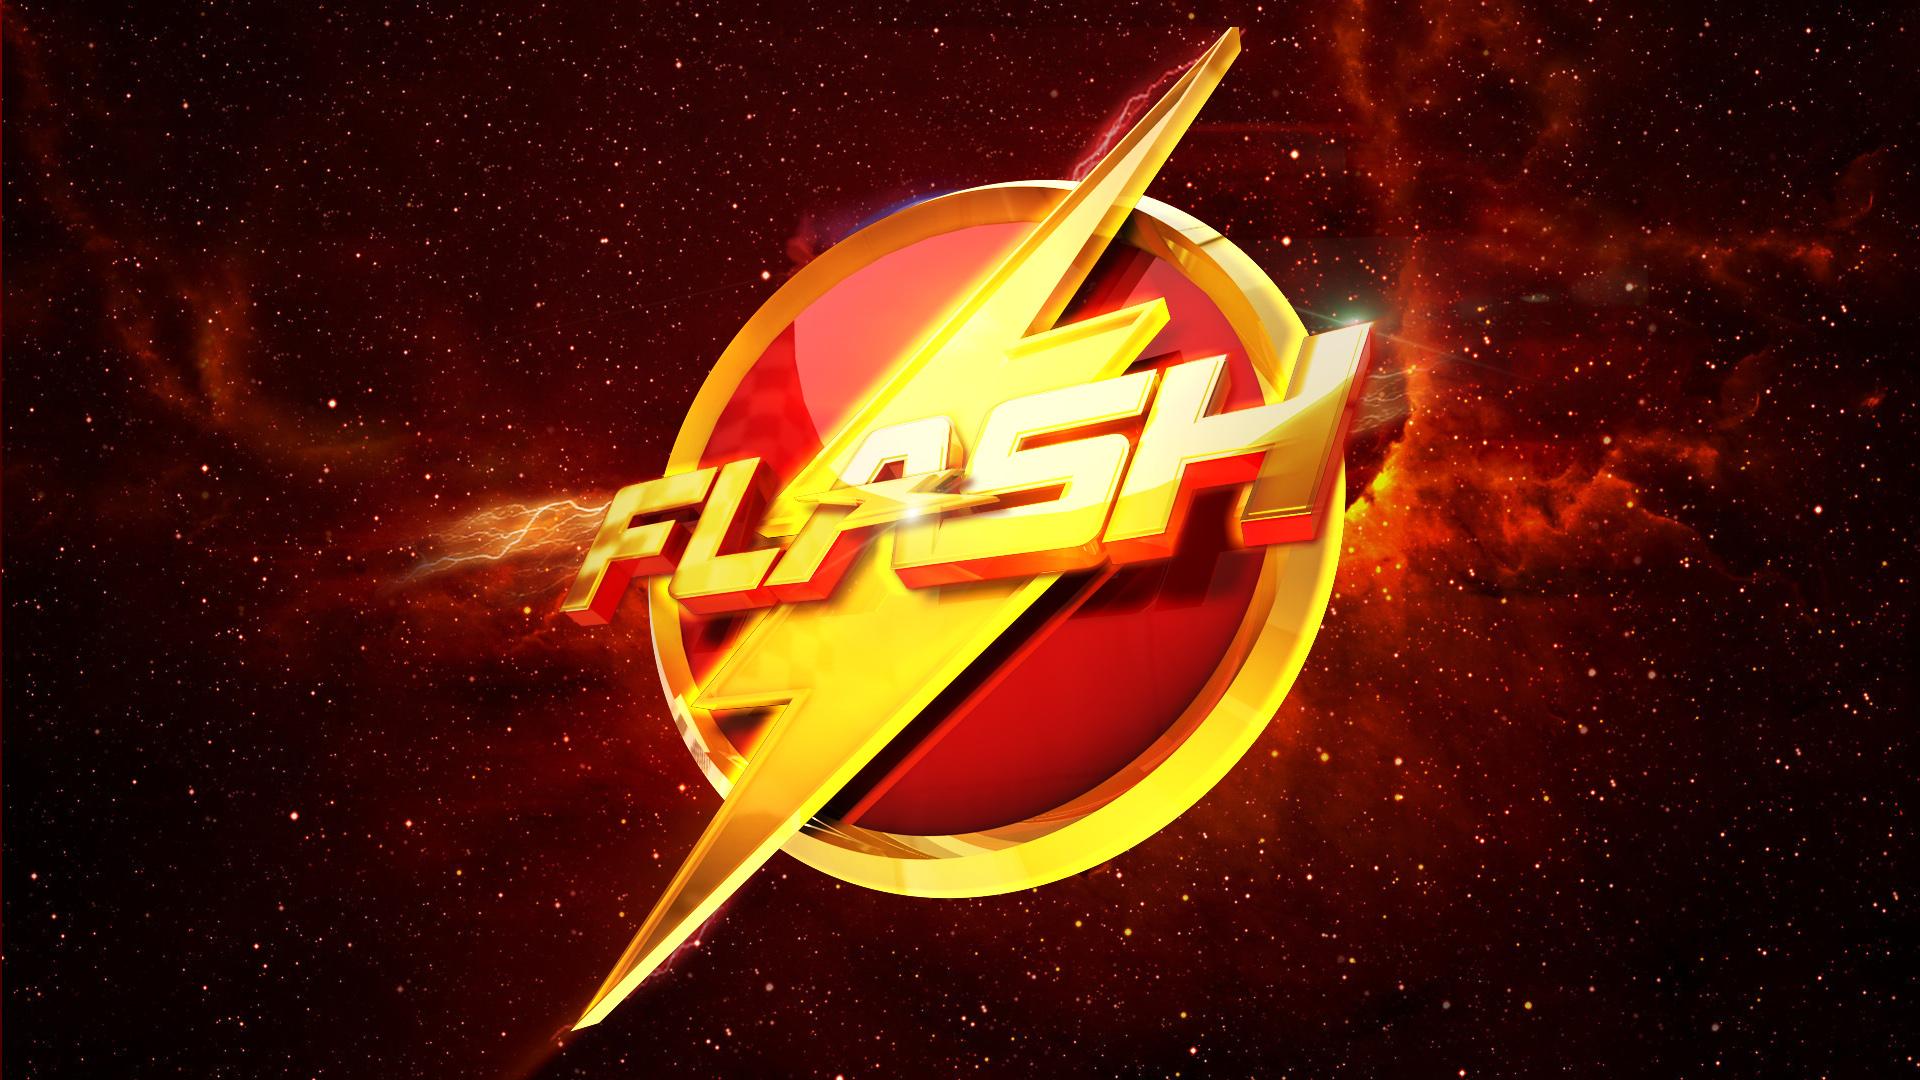 The Flash Zoom Wallpaper - WallpaperSafari